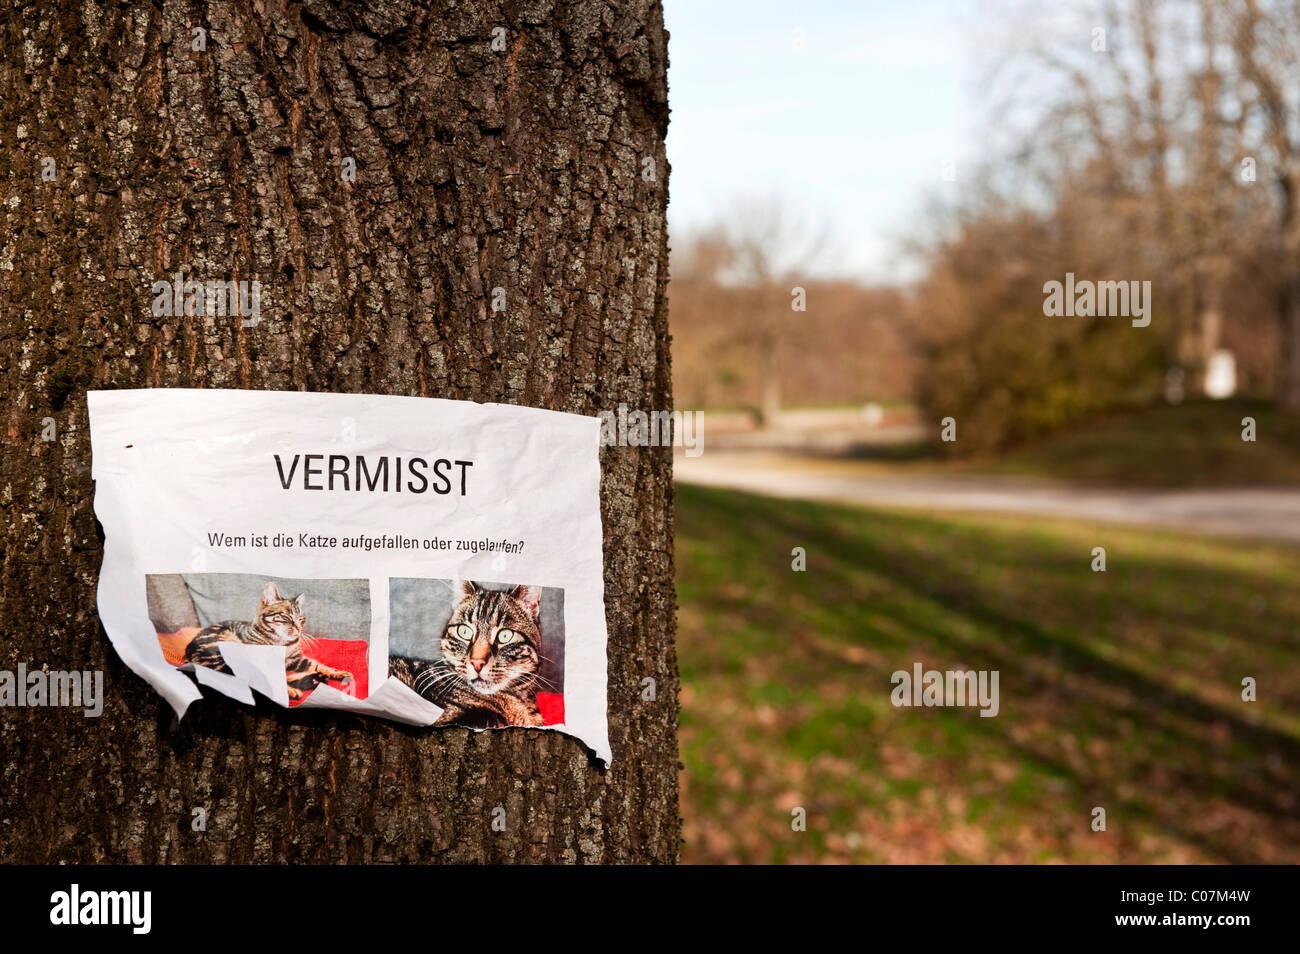 Pezzo di carta attaccato a un albero, cat mancante, in lingua tedesca Immagini Stock